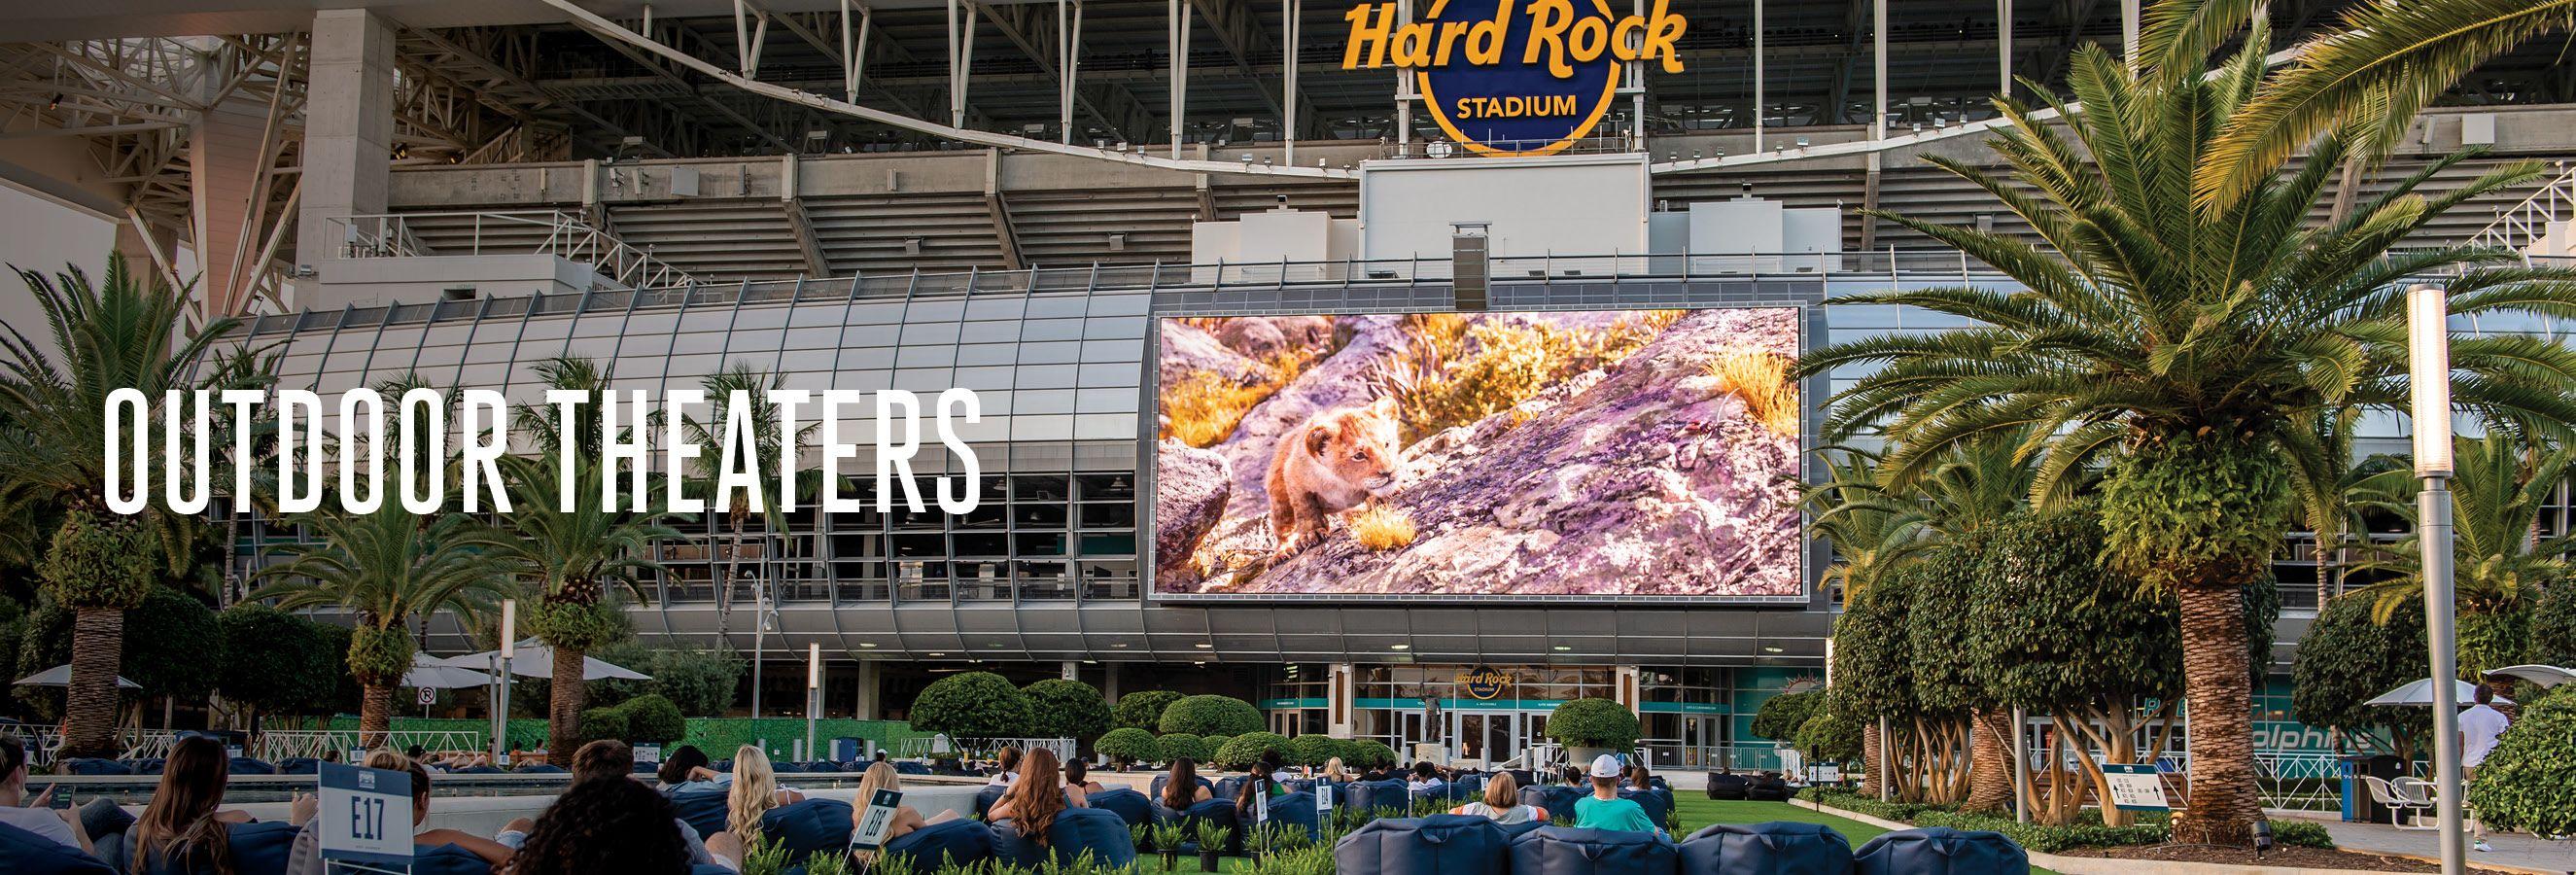 Header: Outdoor Theaters at Hard Rock Stadium